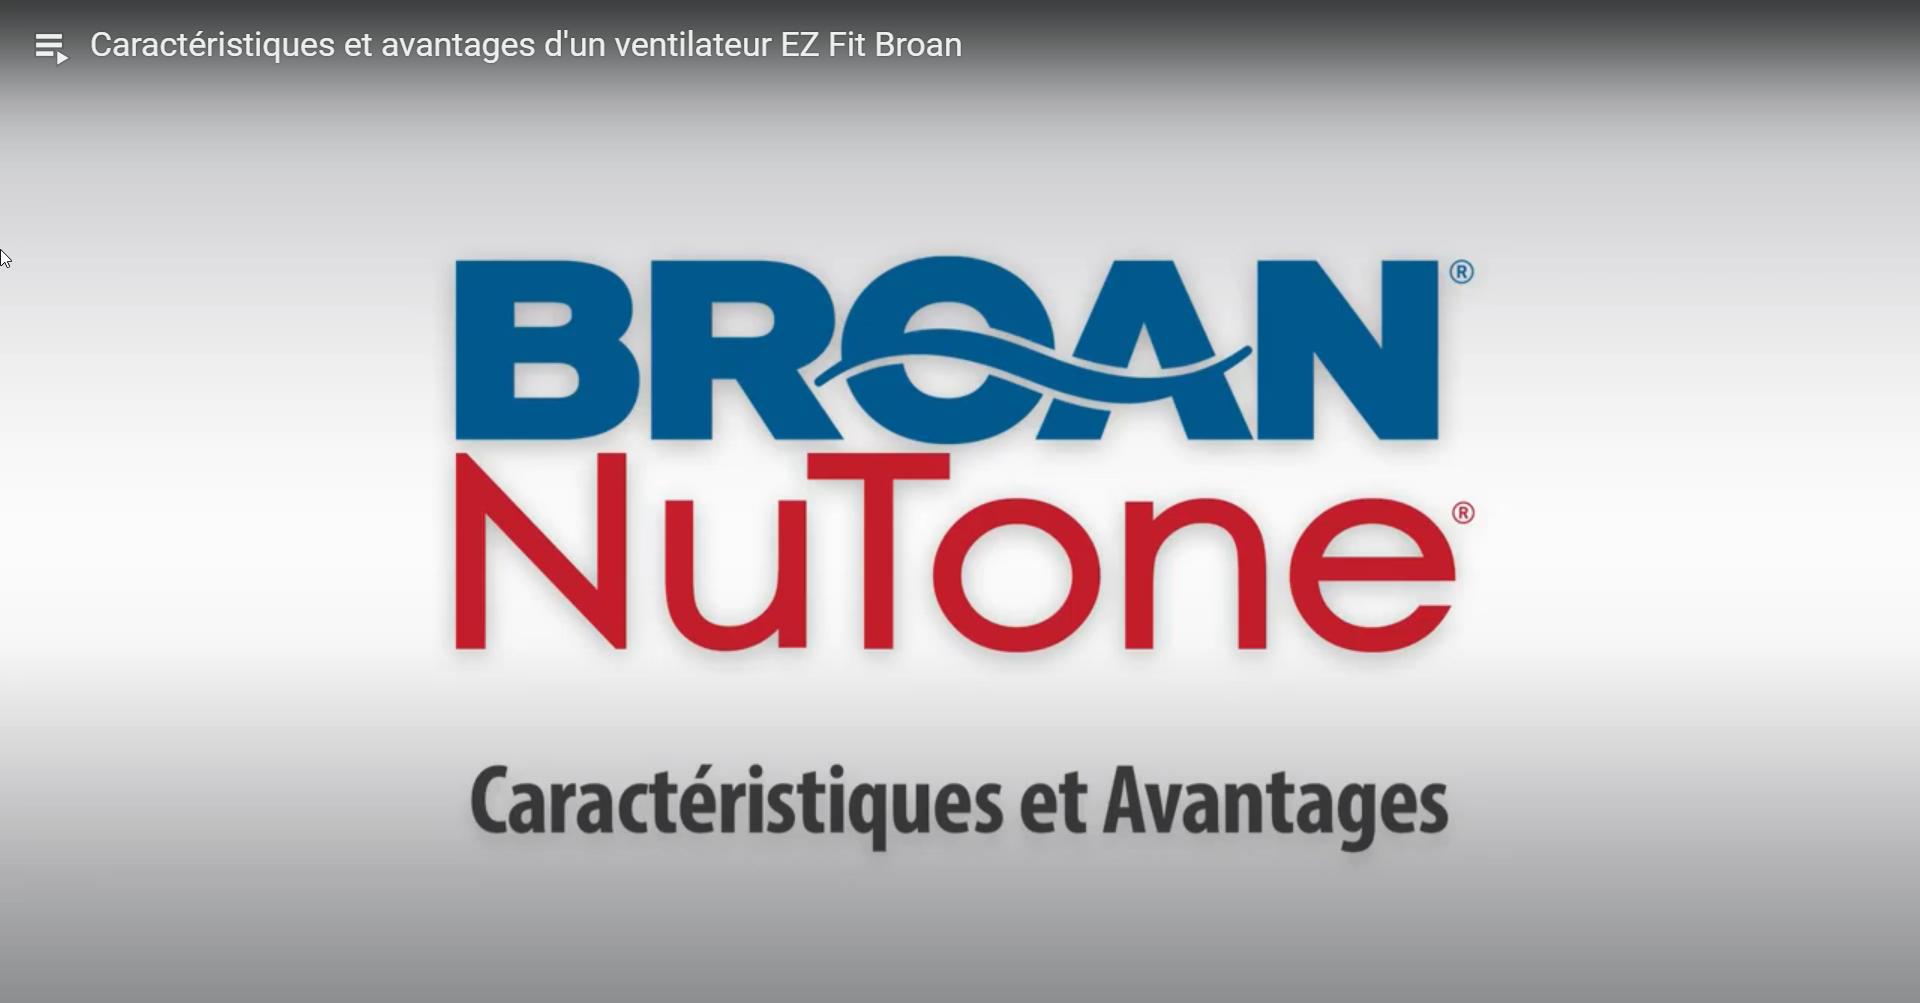 Caractéristiques et avantages d'un ventilateur EZ Fit Broan